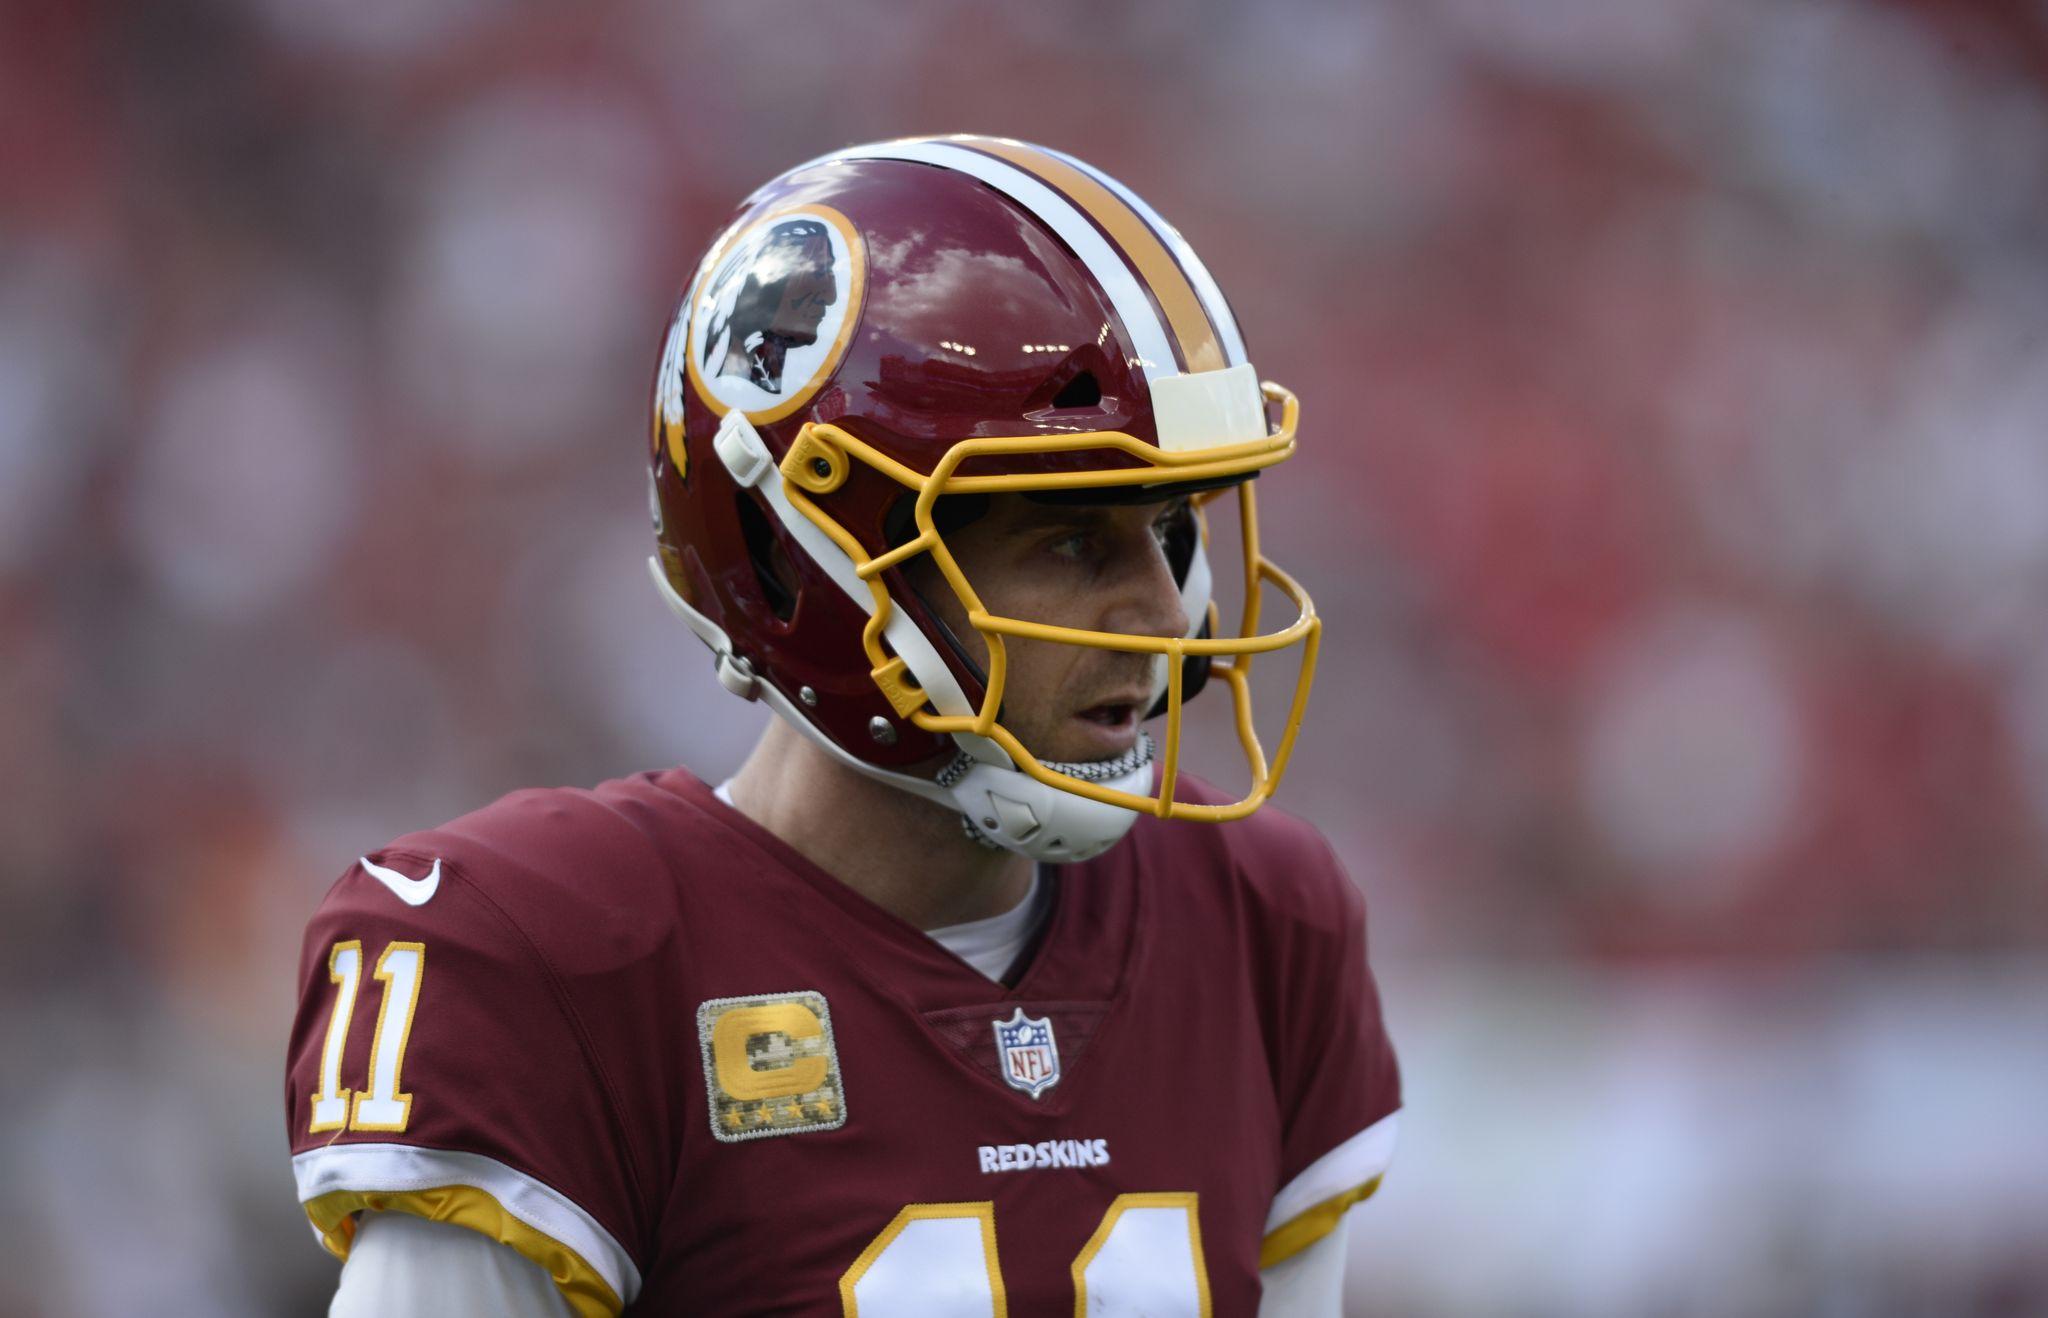 Redskins_buccaneers_football_43461.jpg-9ee2c_s2048x1318